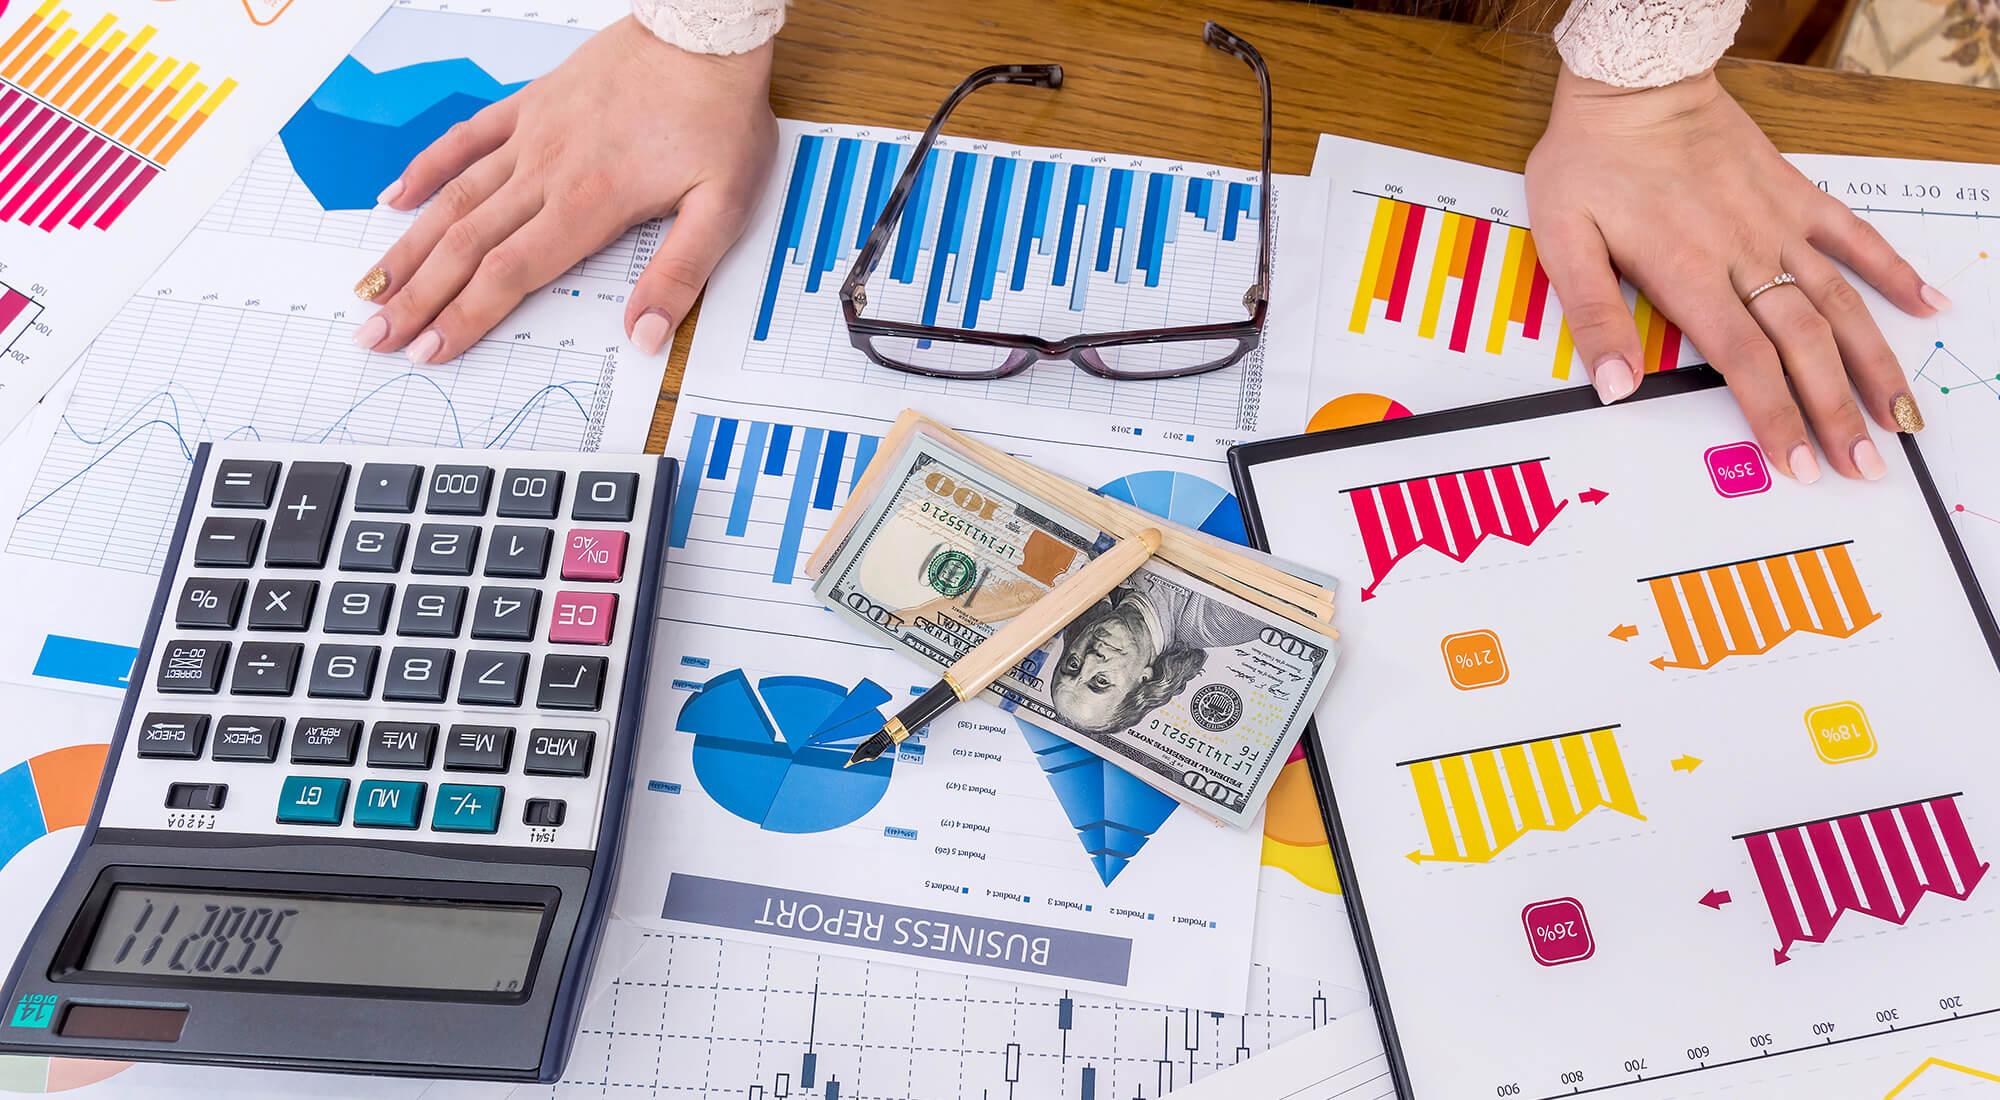 Chuyên đề: Quản lý vốn lưu động